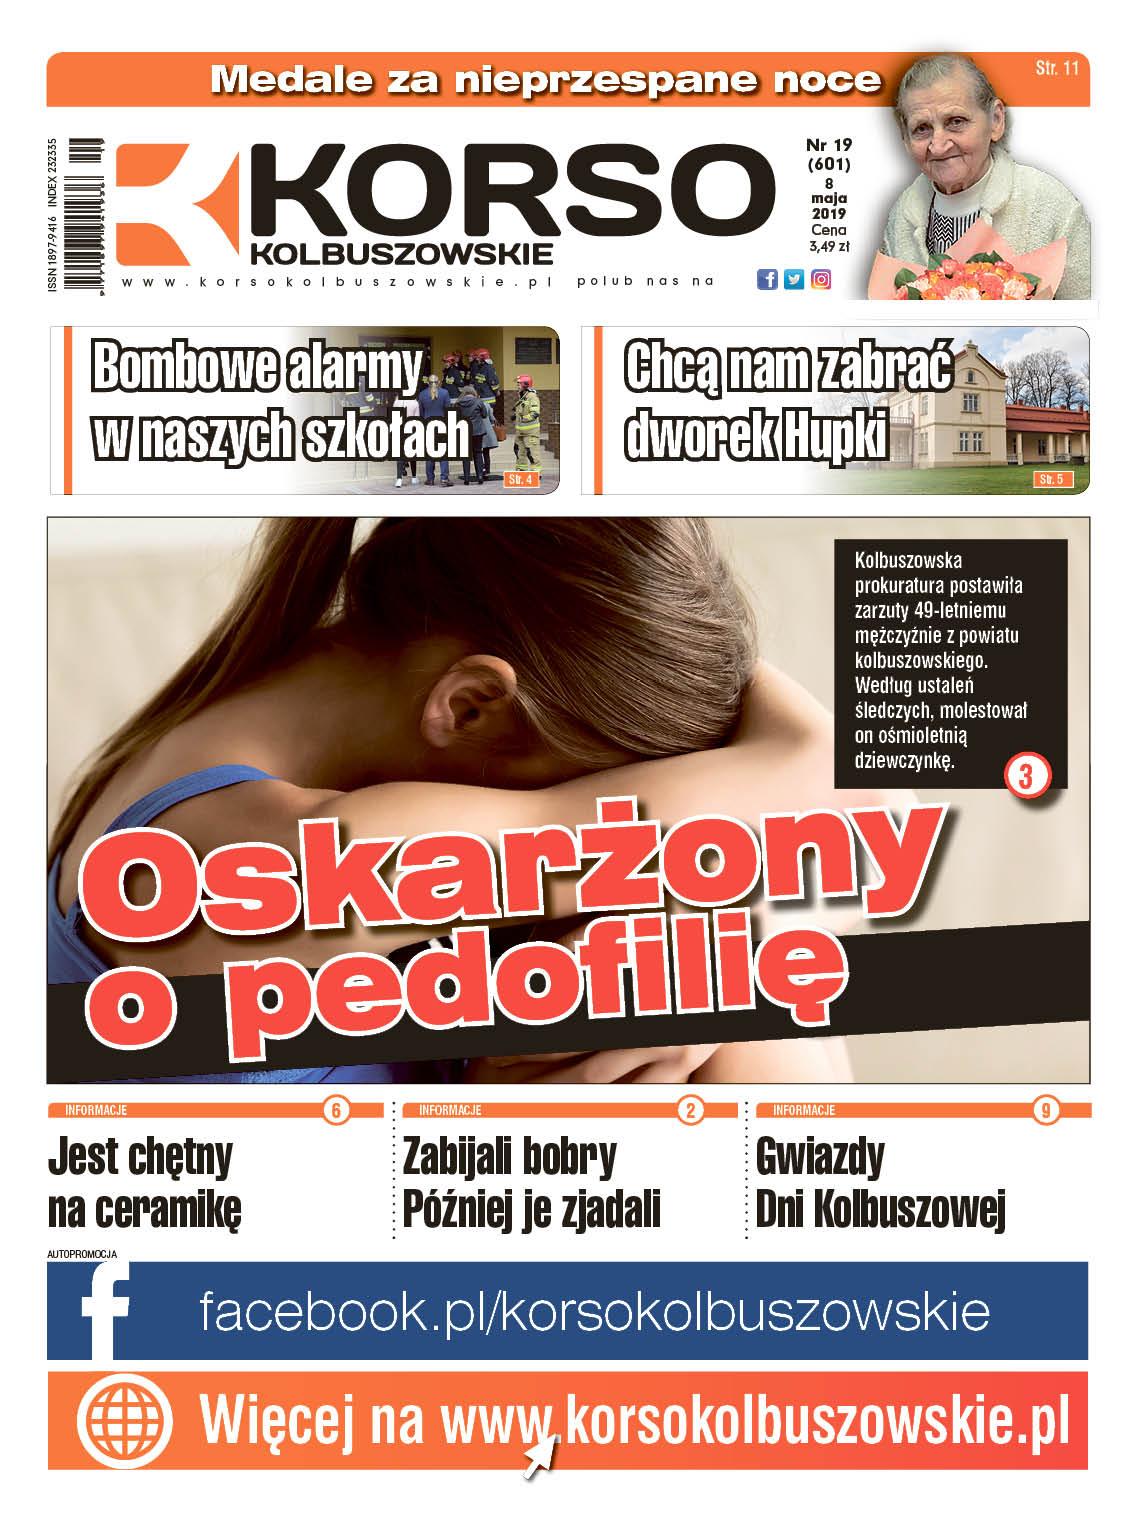 Korso Kolbuszowskie - nr 19/2019 - Zdjęcie główne